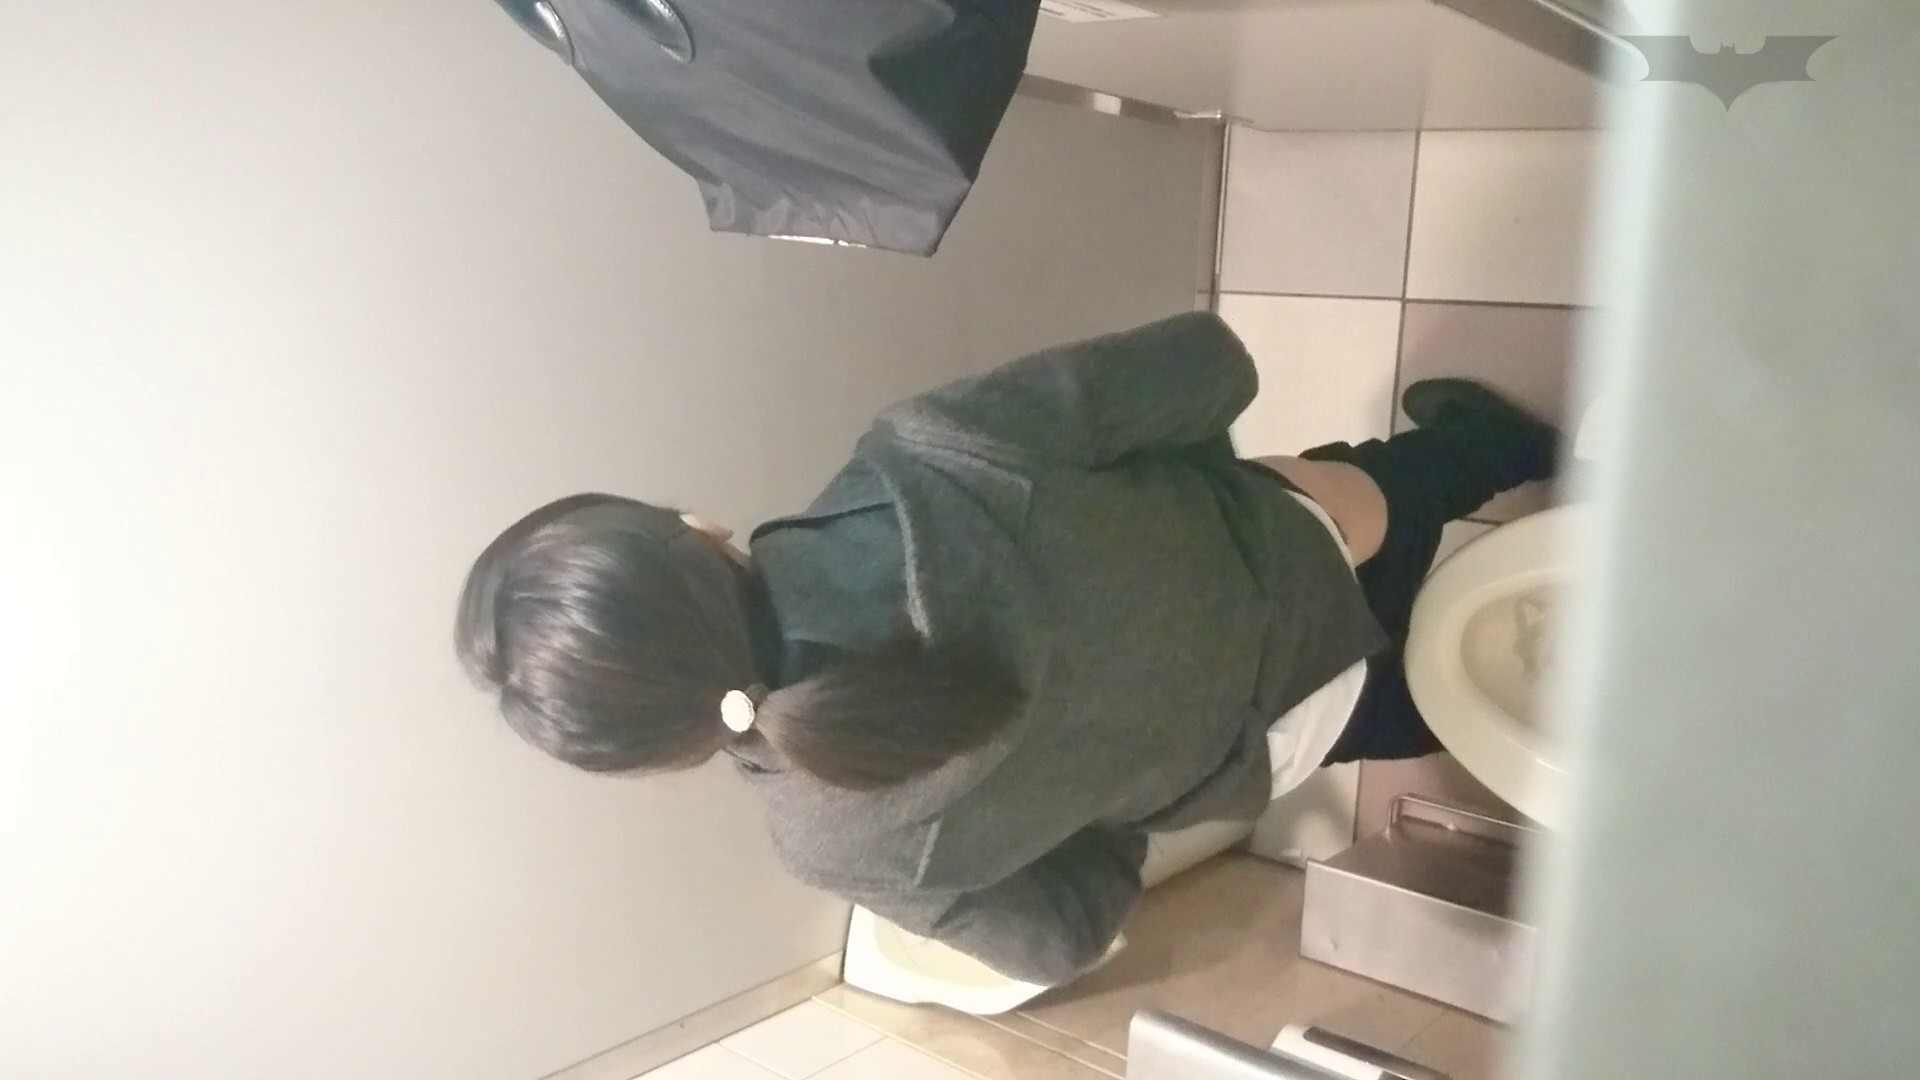 化粧室絵巻 ショッピングモール編 VOL.08 丸見え ぱこり動画紹介 97画像 91